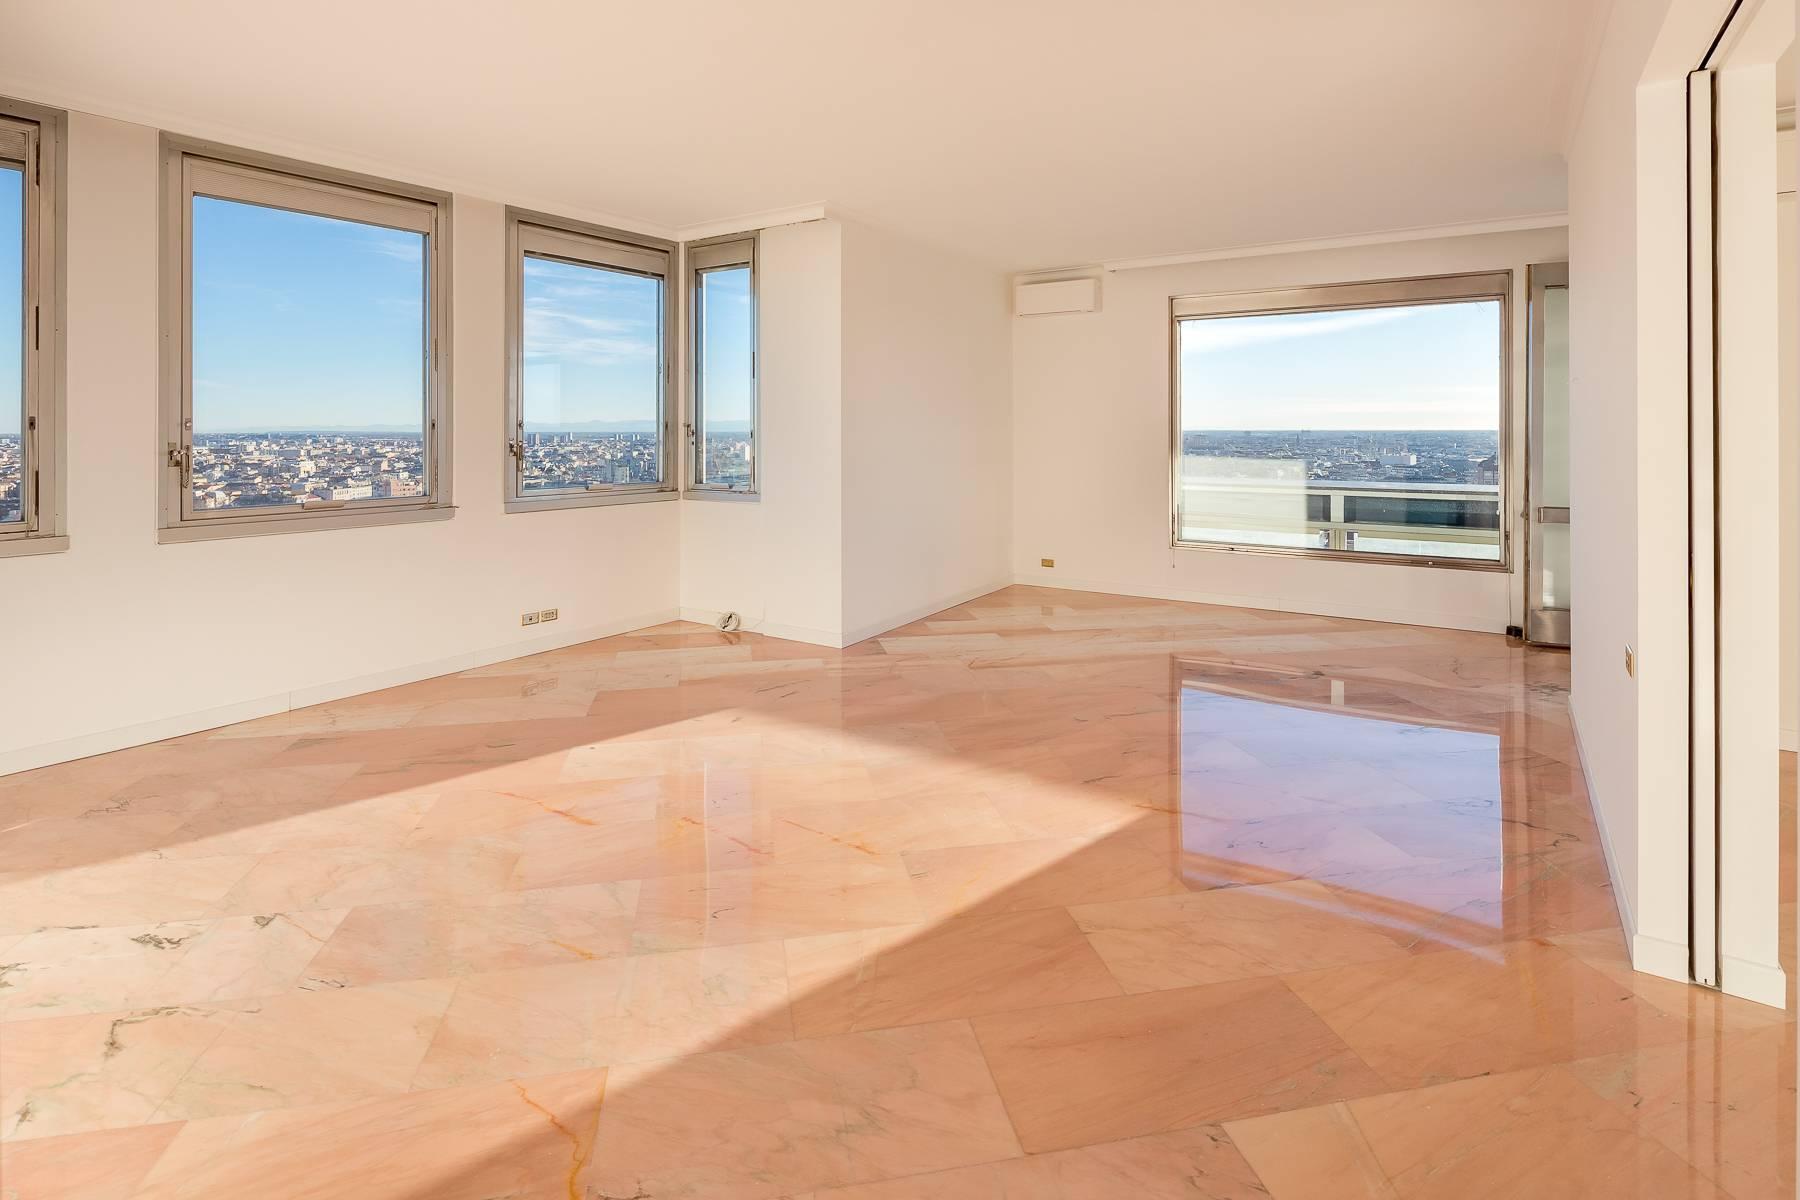 Appartement spectaculaire dans le gratte-ciel de Place de la Republique - 3